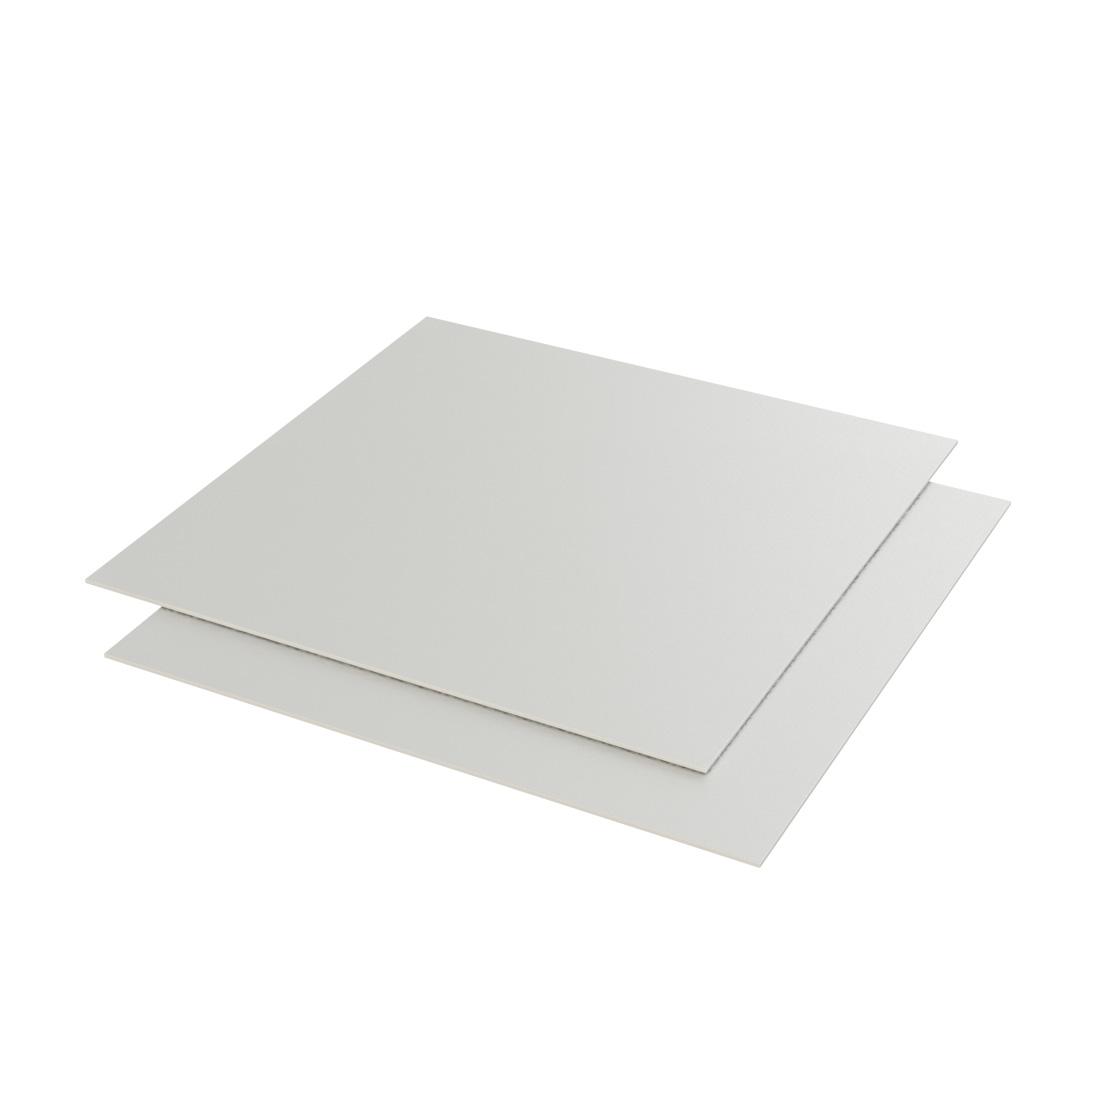 Vikunyl PVC Wit 1309 Mat 1400x1000x0,2mm